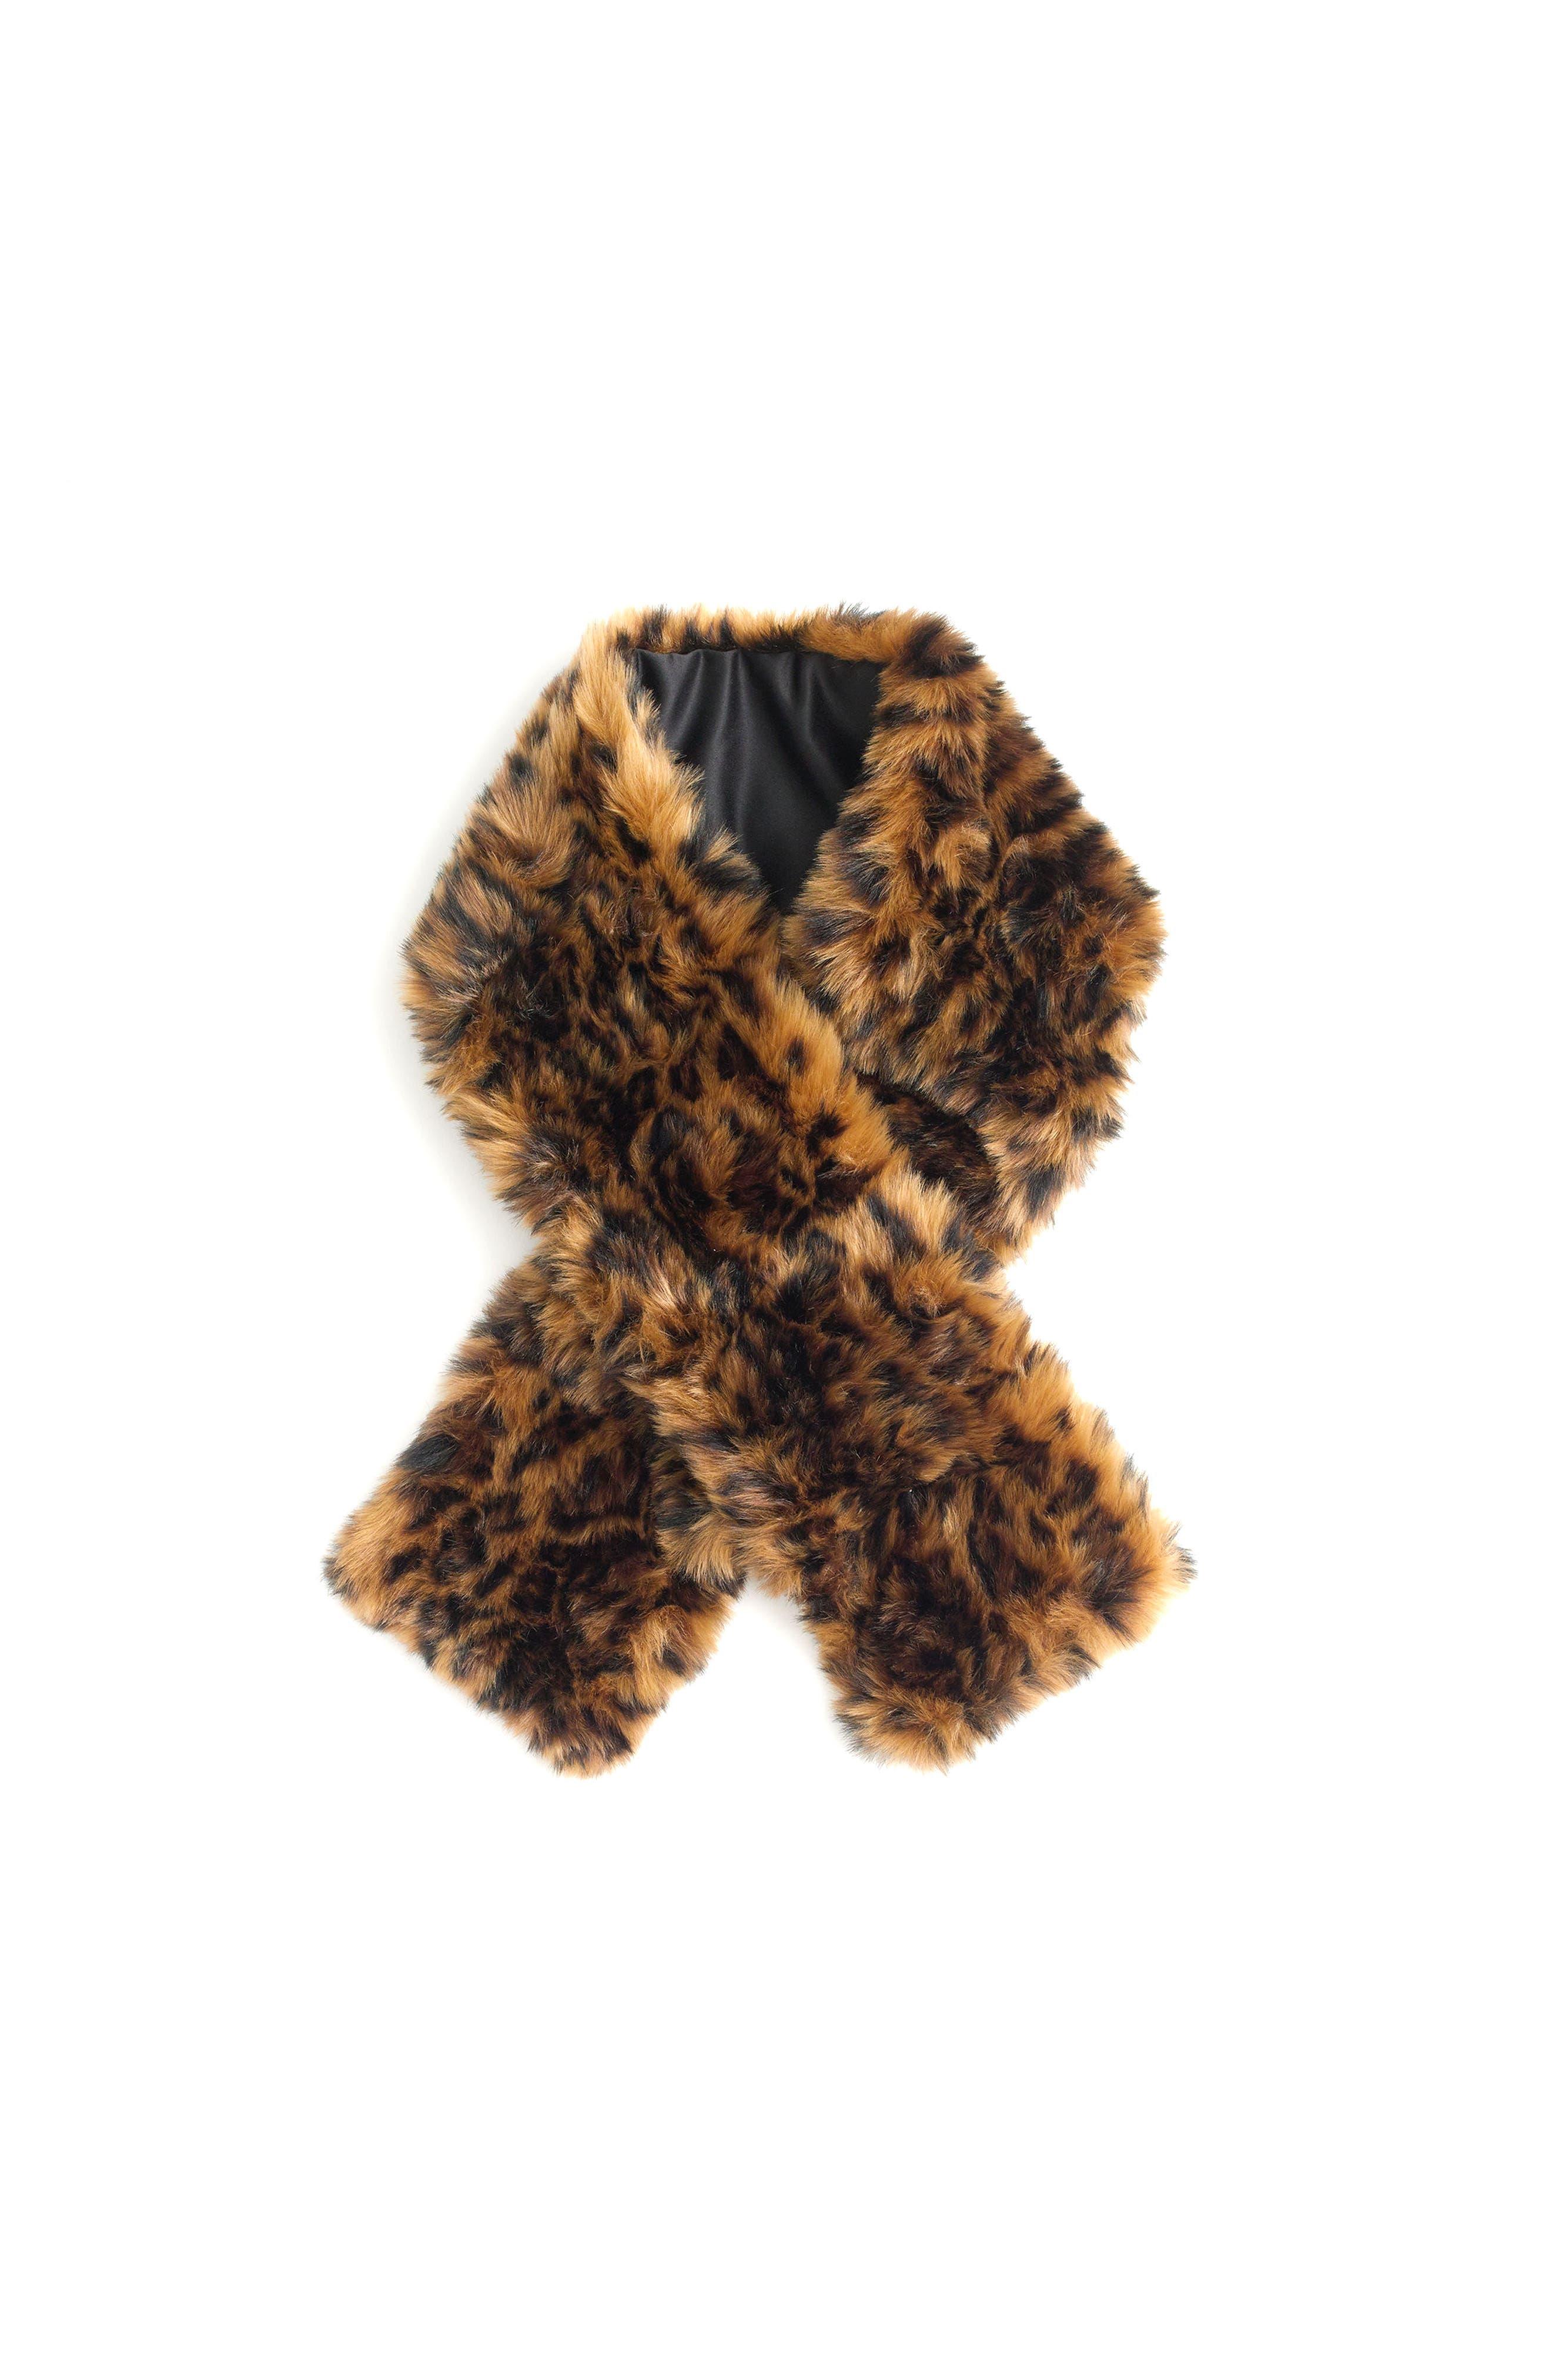 J.Crew Leopard Faux Fur Stole